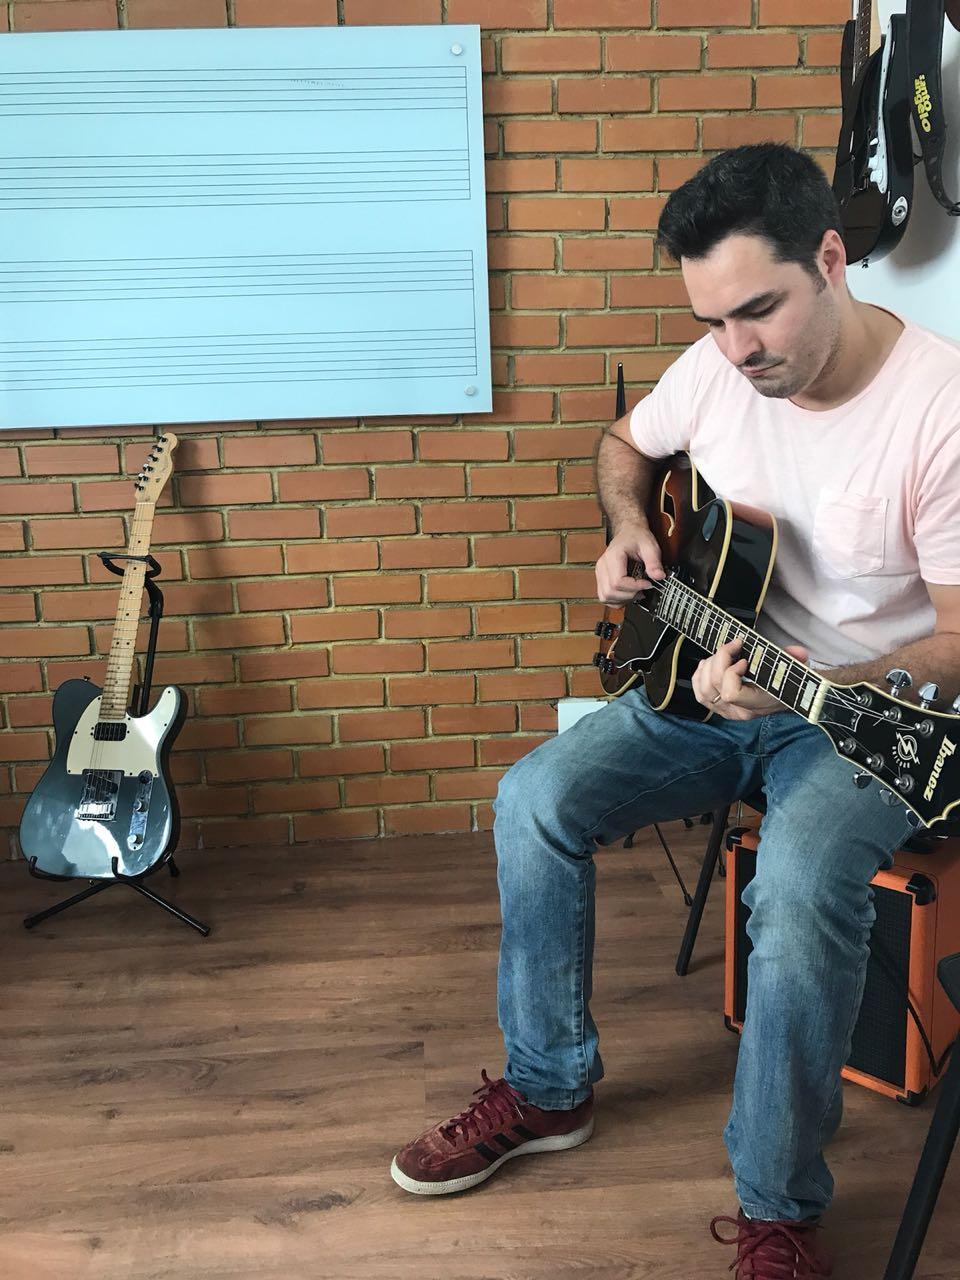 Starling-Escola-de-Musica-42.jpeg